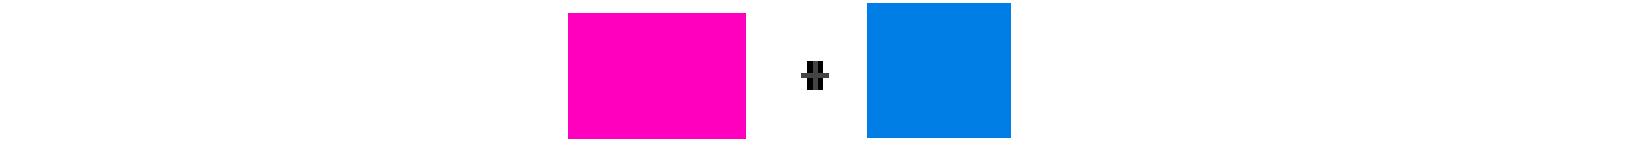 c.H.d7.090.logos2.png